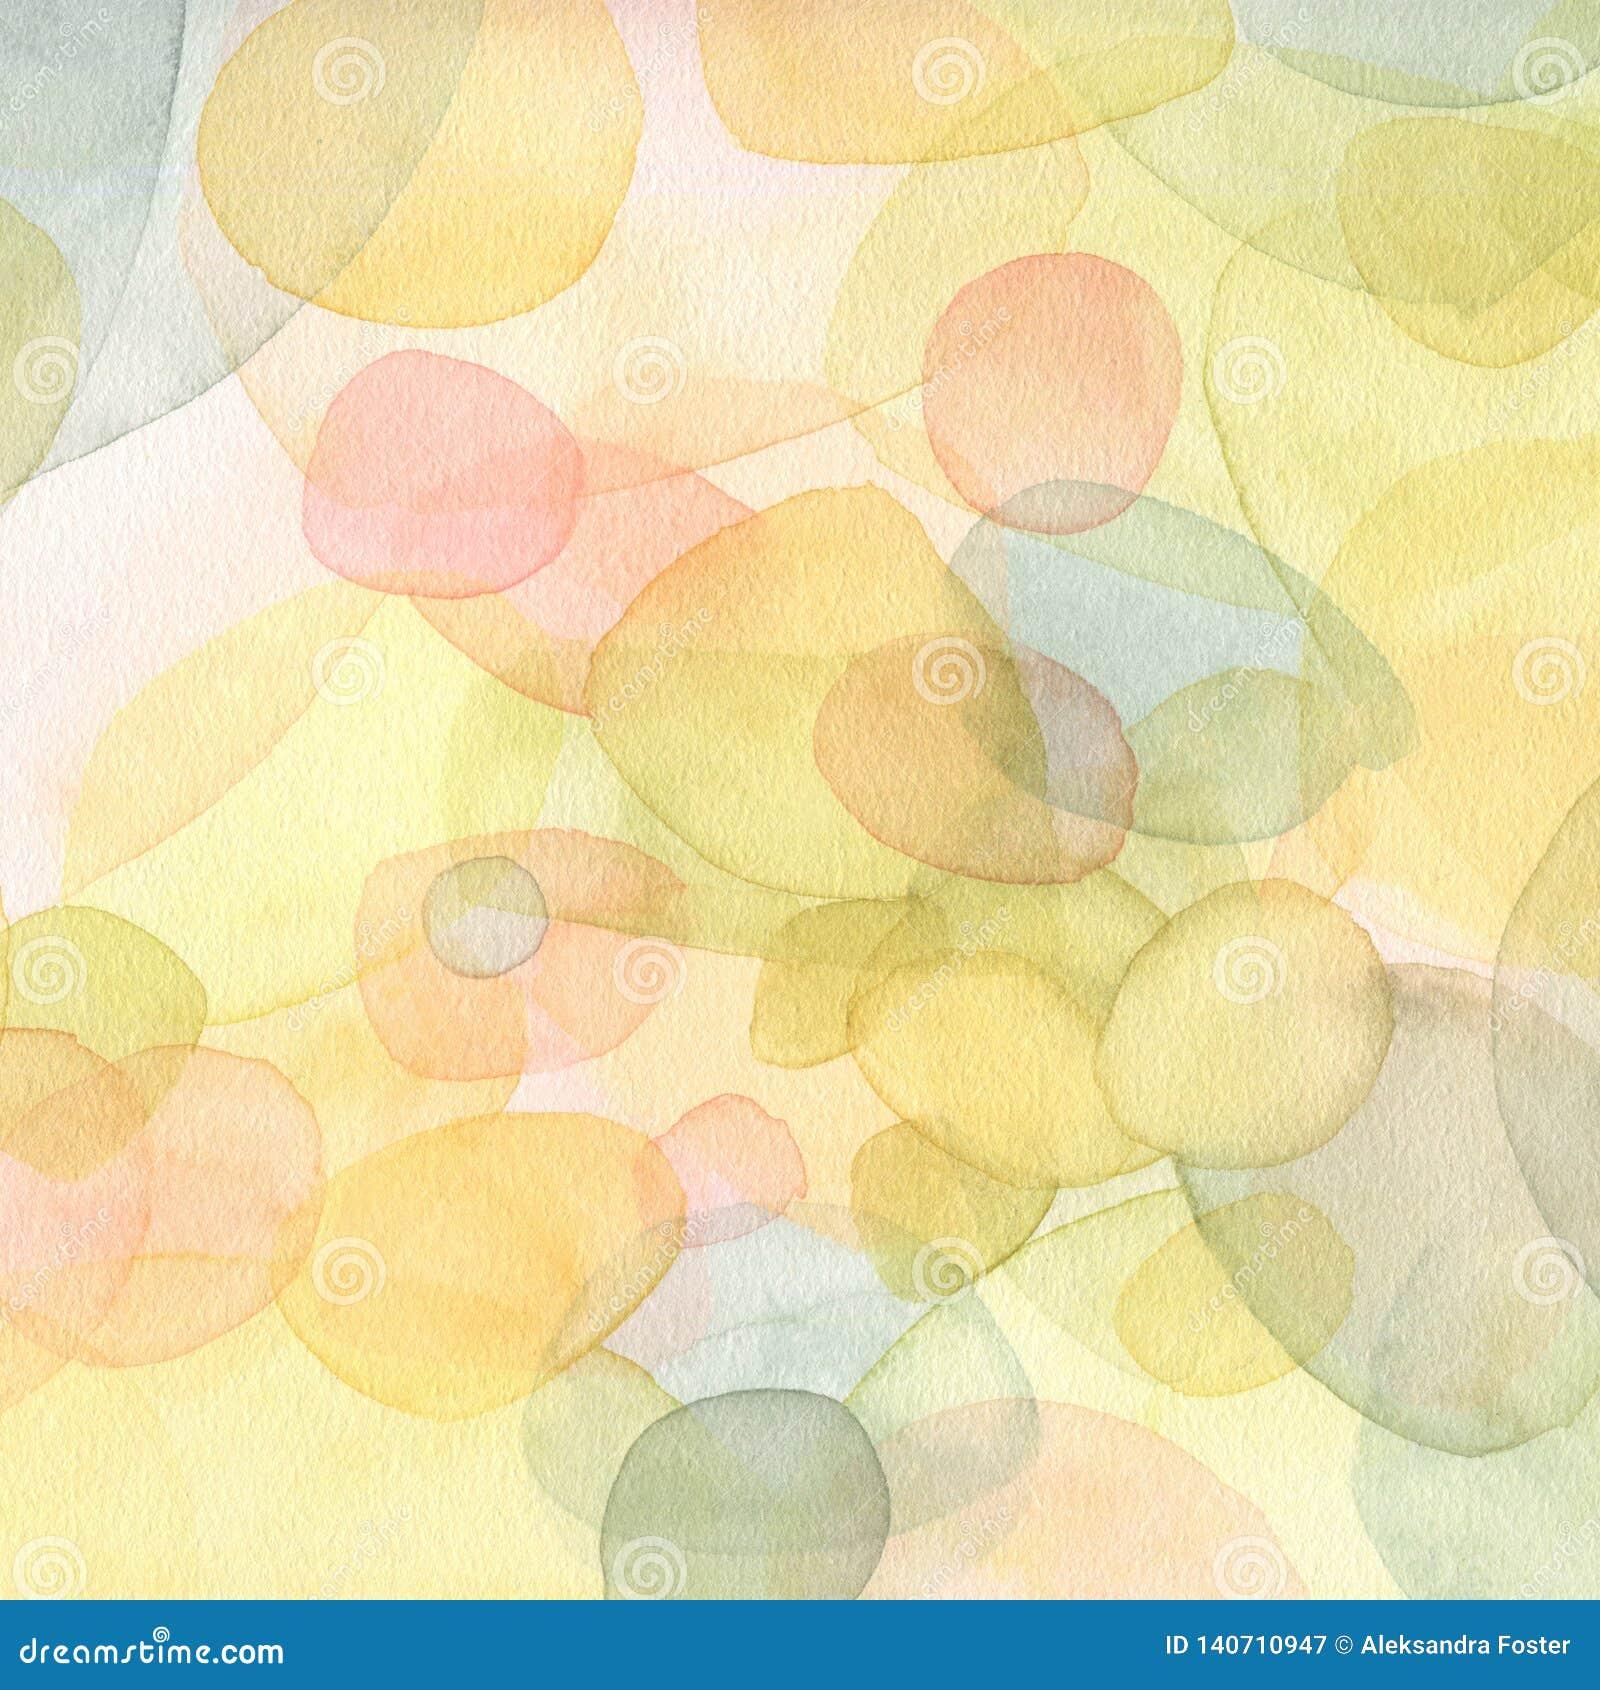 Handgemalte Aquarellillustration Abstrakter Hintergrund in der grünen und gelben Farbe